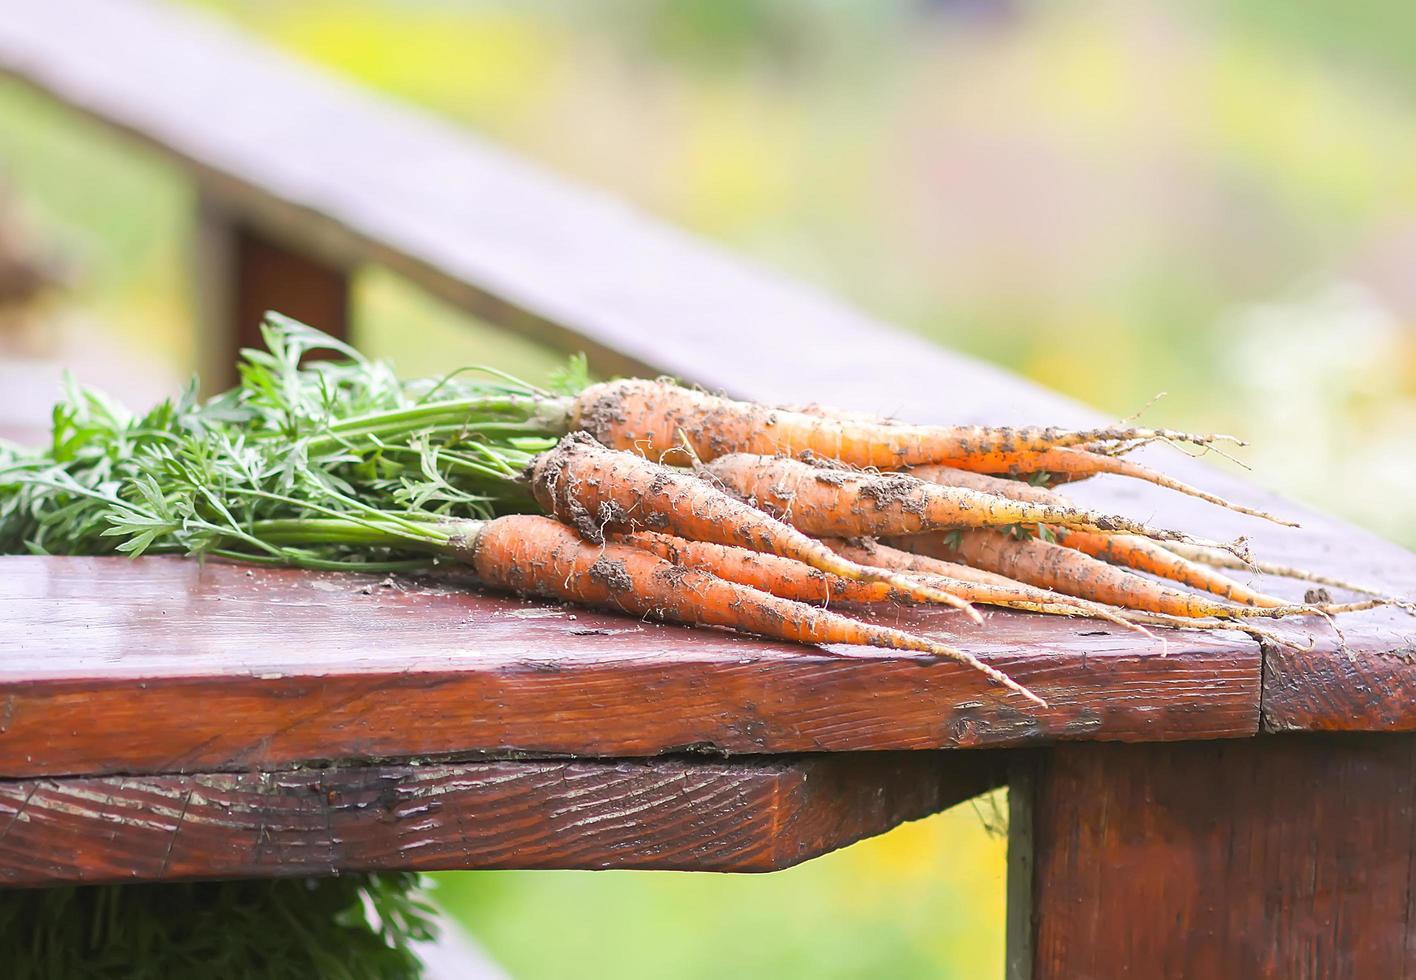 Karotten aus dem Garten gepflückt foto